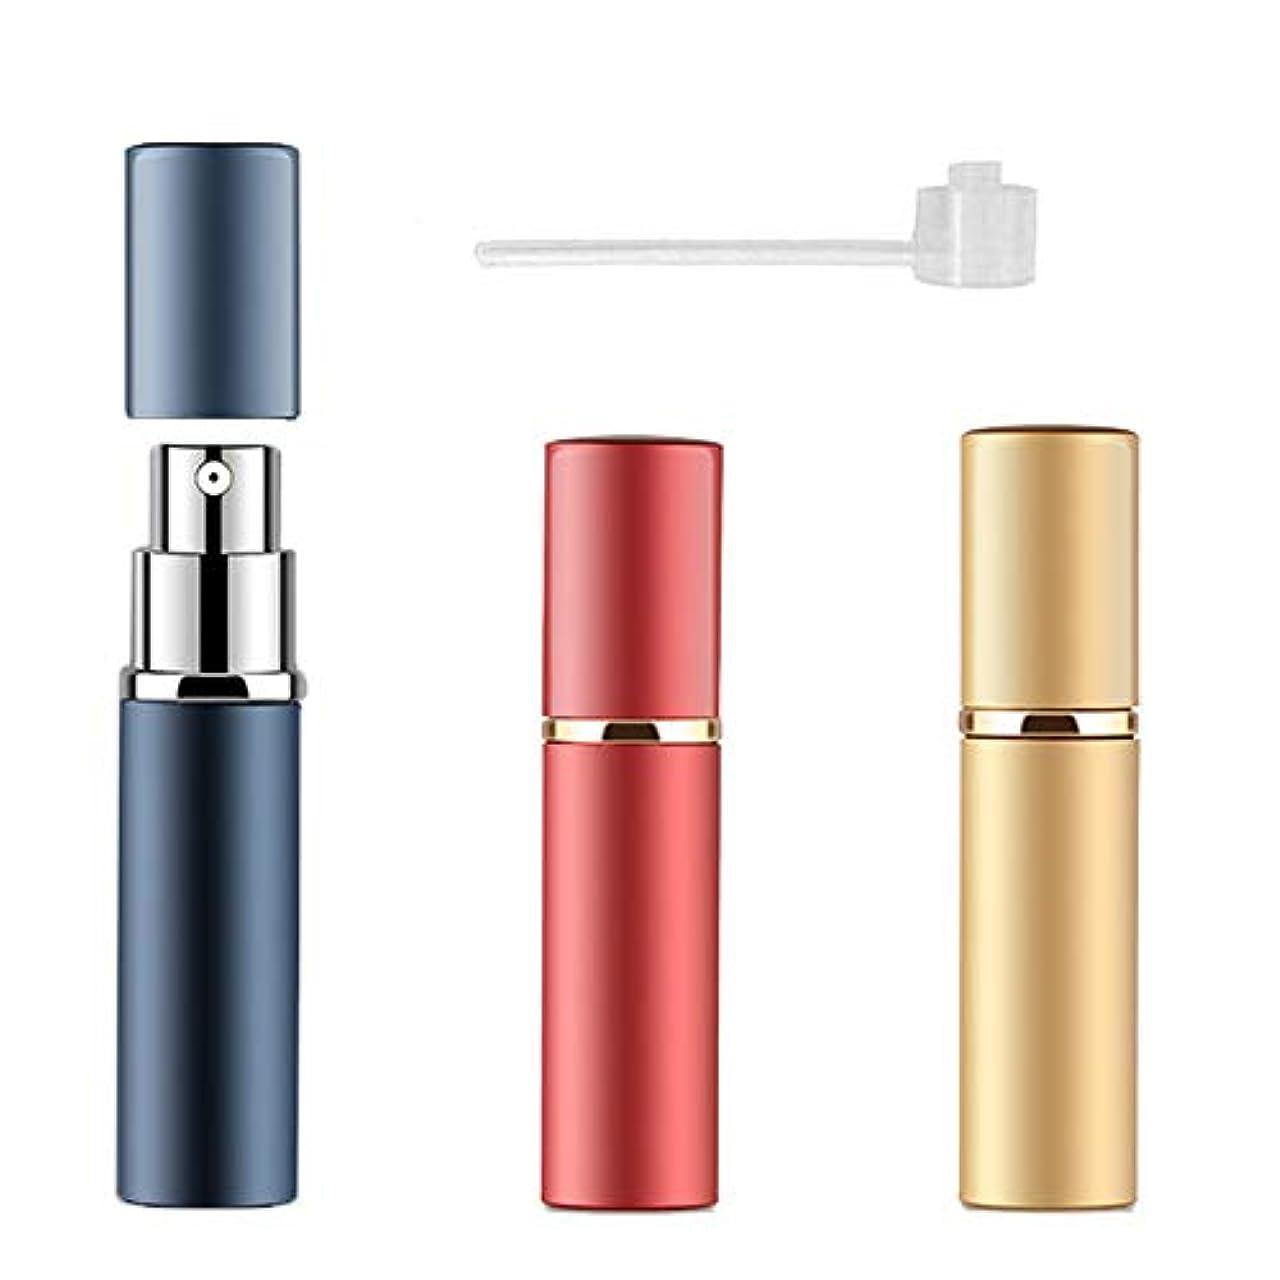 経度注ぎます軸アトマイザ 香水 詰め替え容器 スプレーボトル 小分けボトル トラベルボトル 旅行携帯便利 (3色セット)